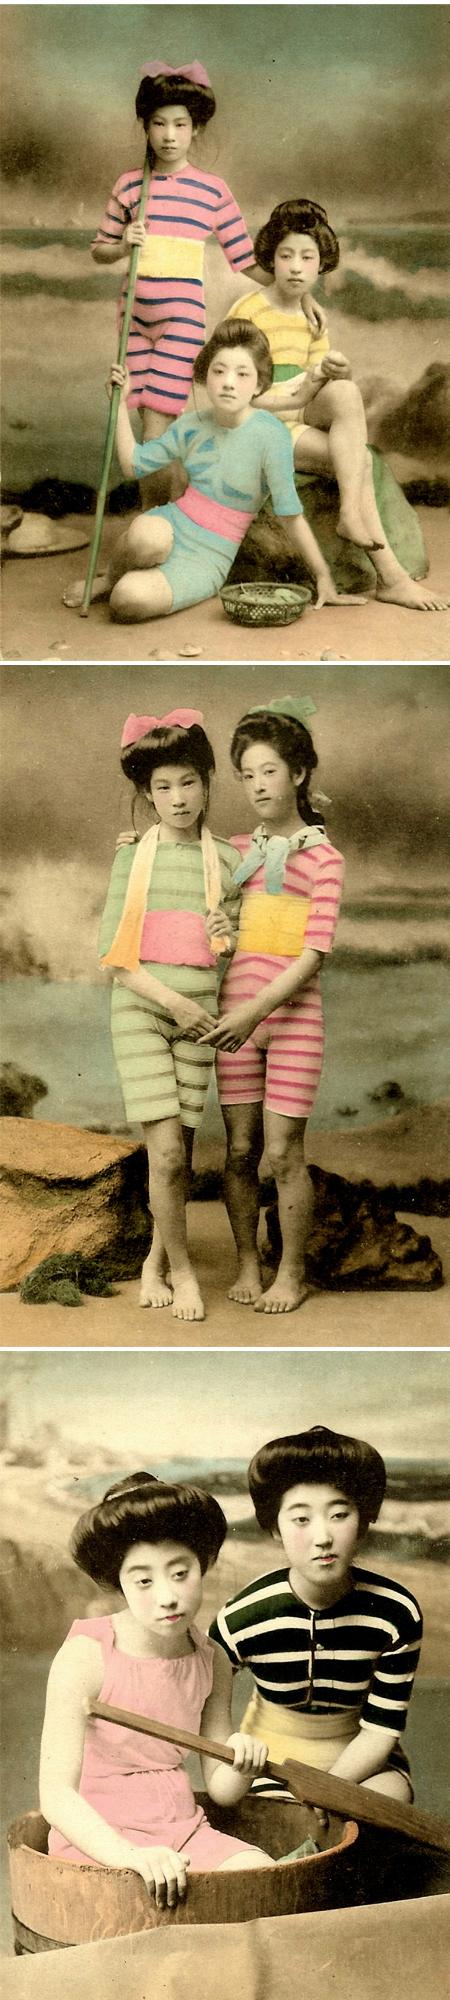 geishas2.jpg